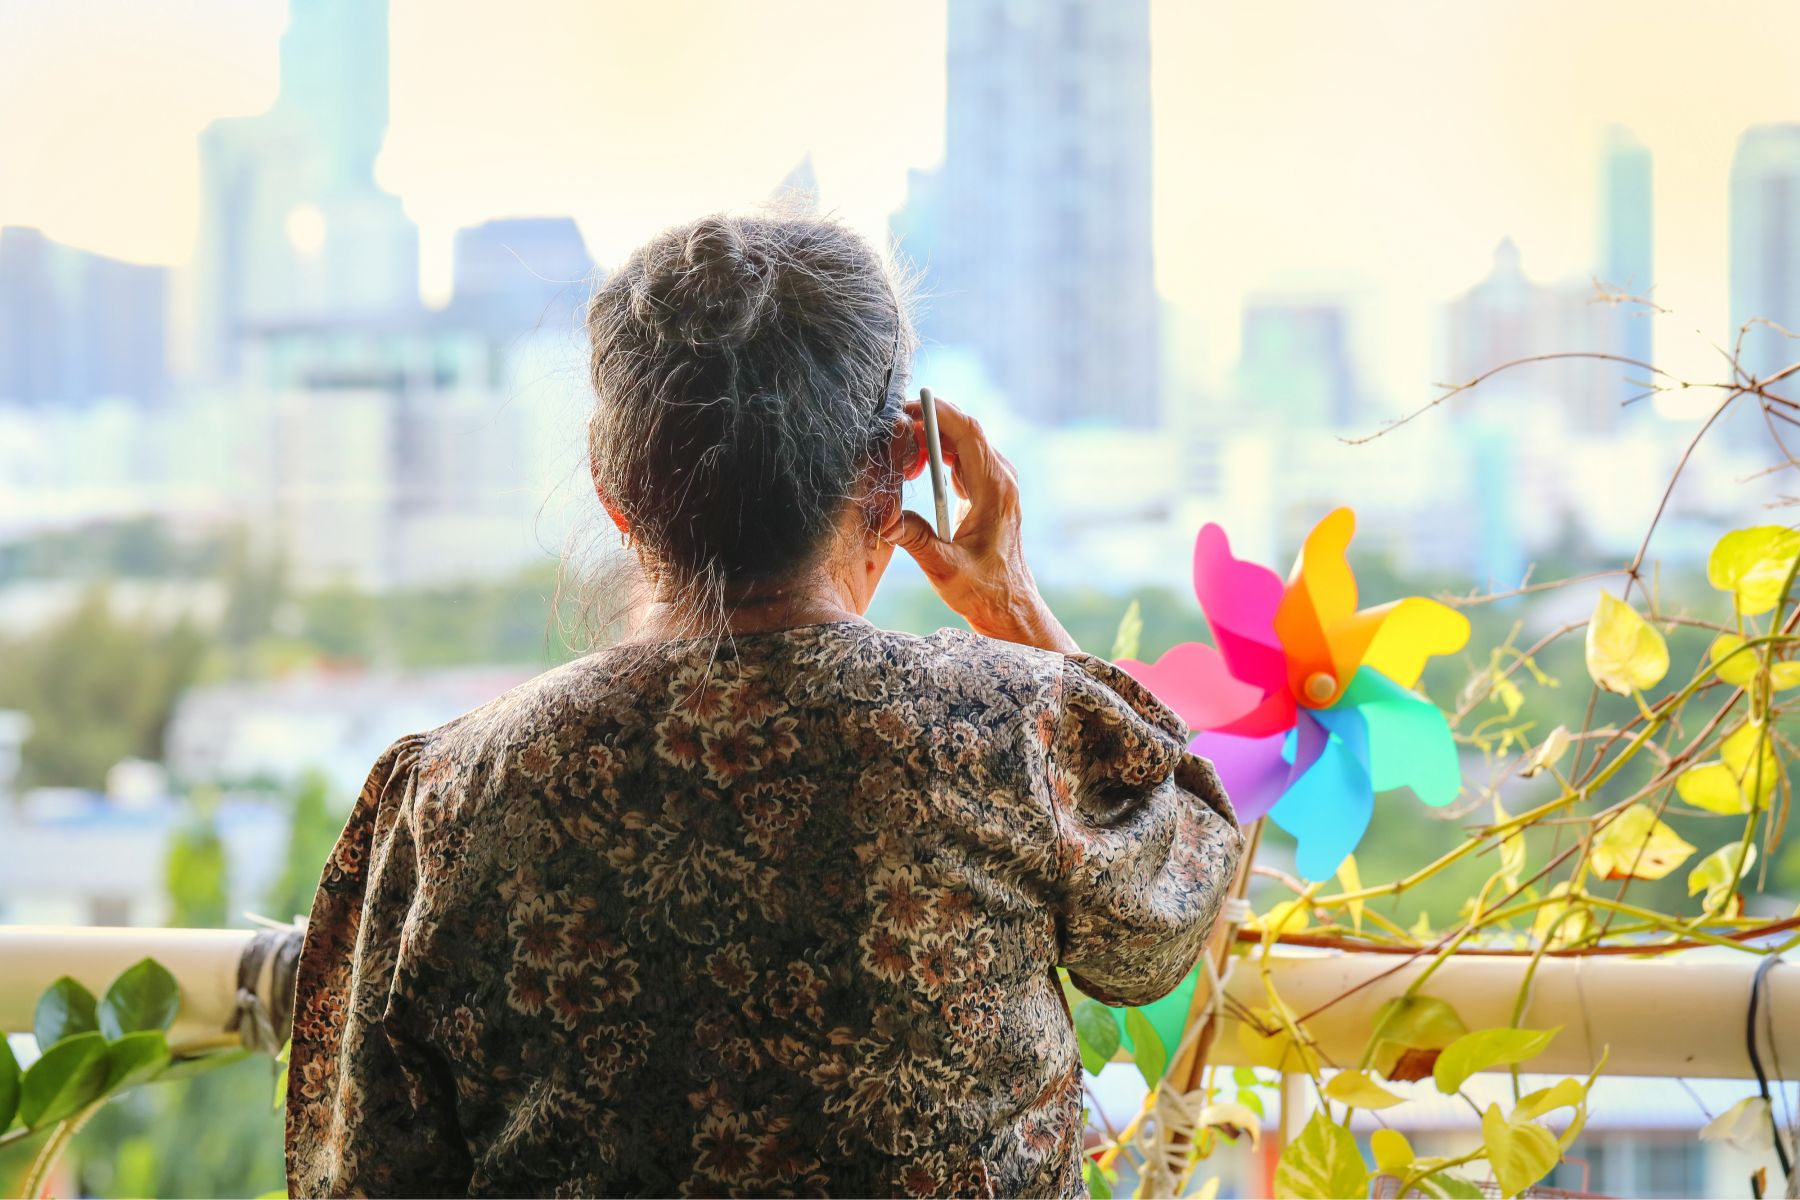 花半輩子種田才正要蓋房,老公卻走了 她獨居27年,慢慢摸索出「獨老」的快樂